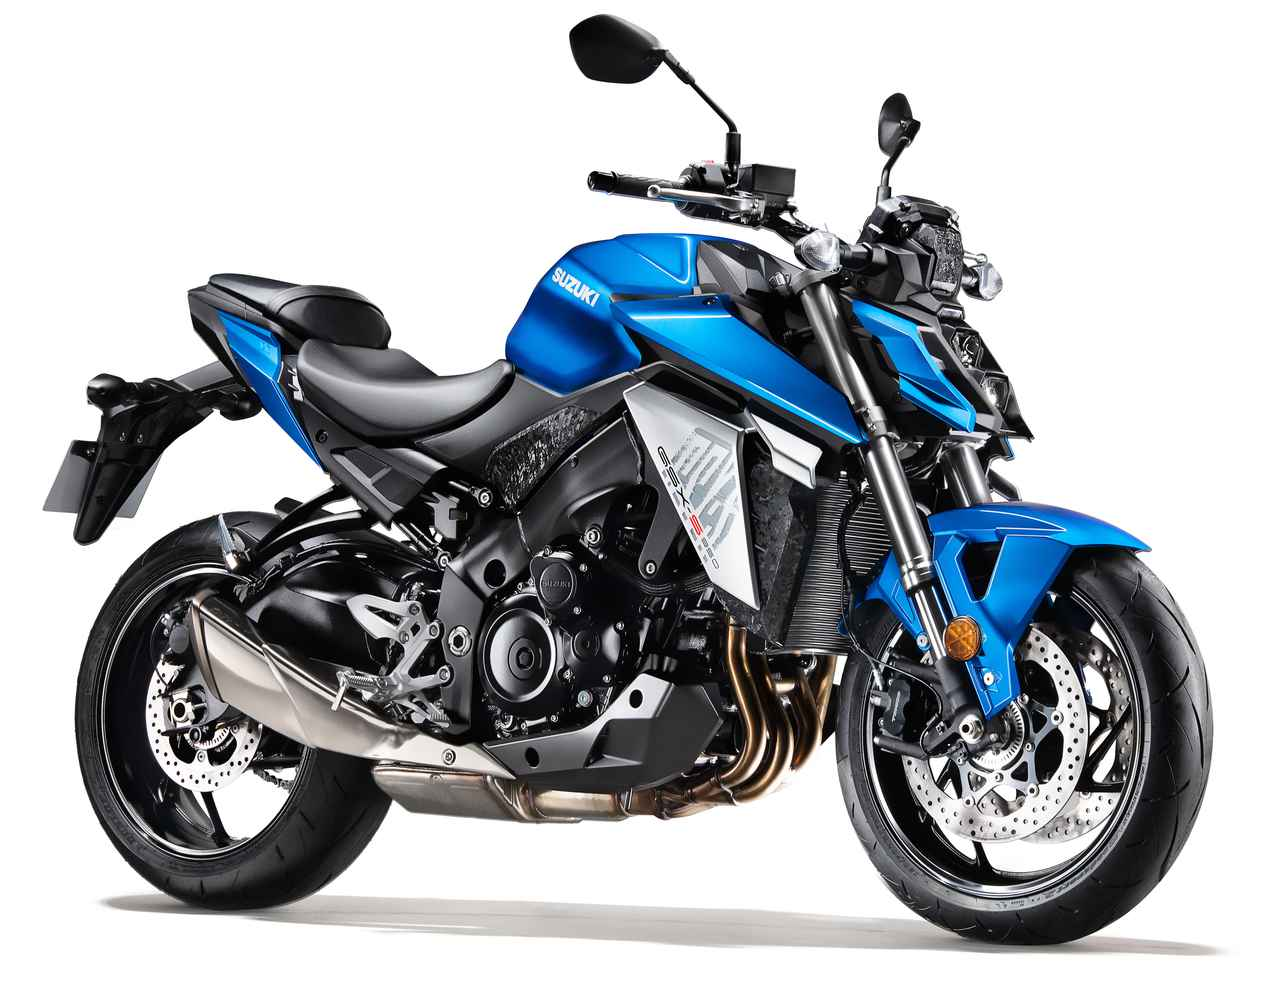 画像: SUZUKI GSX-S950 総排気量:999cc エンジン形式:水冷4ストDOHC4バルブ並列4気筒 シート高:810mm 車両重量:214kg